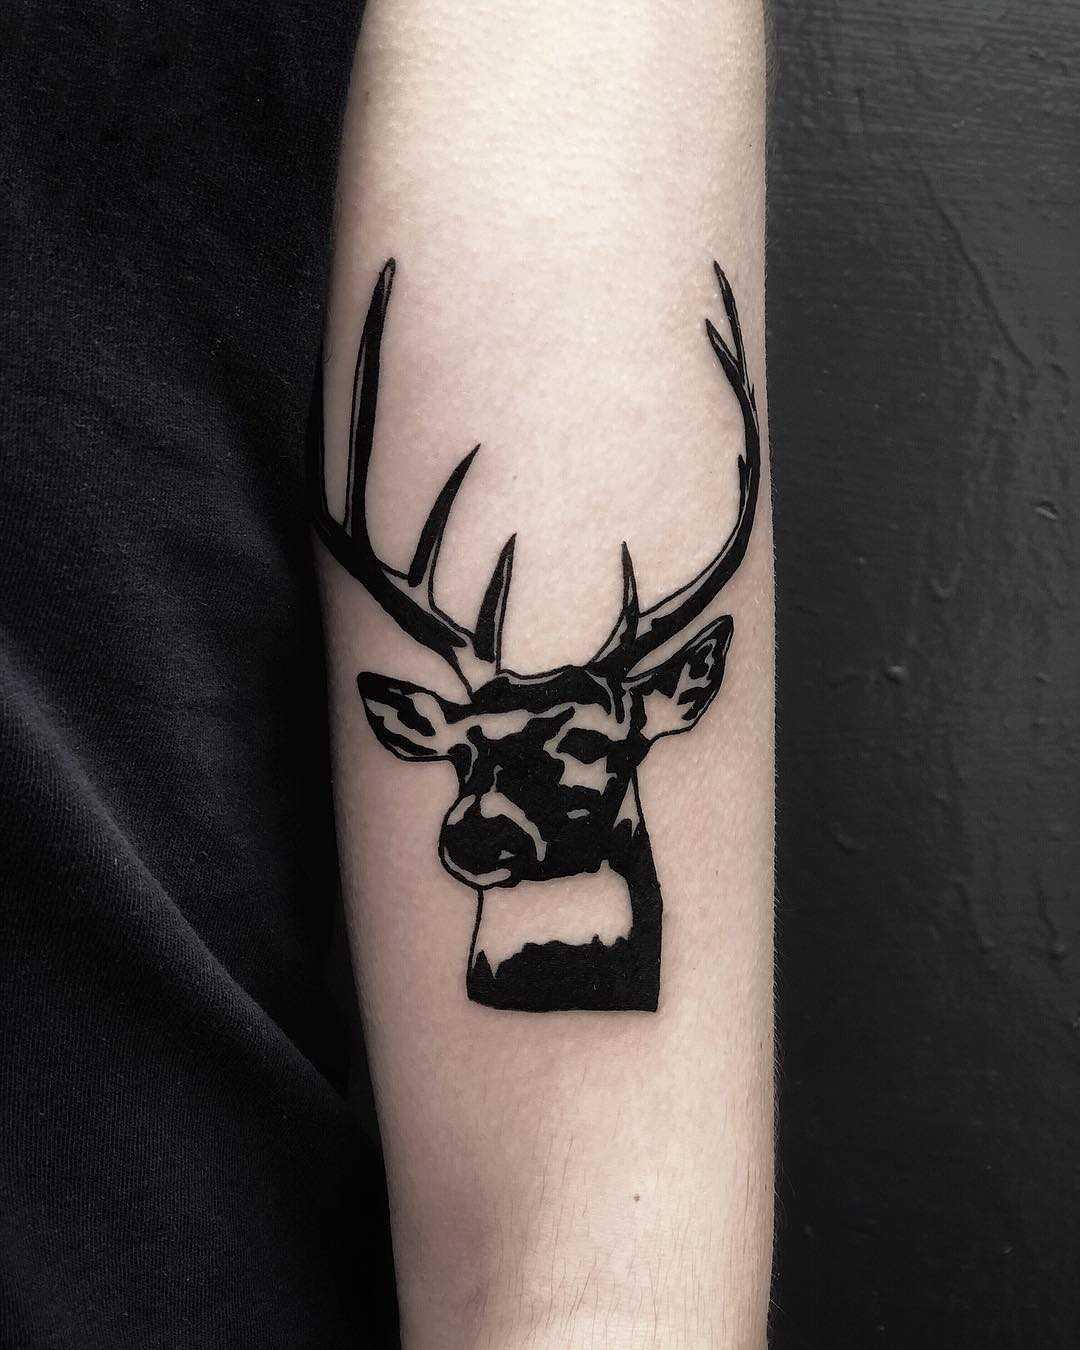 Stencil deer tattoo by Loz McLean